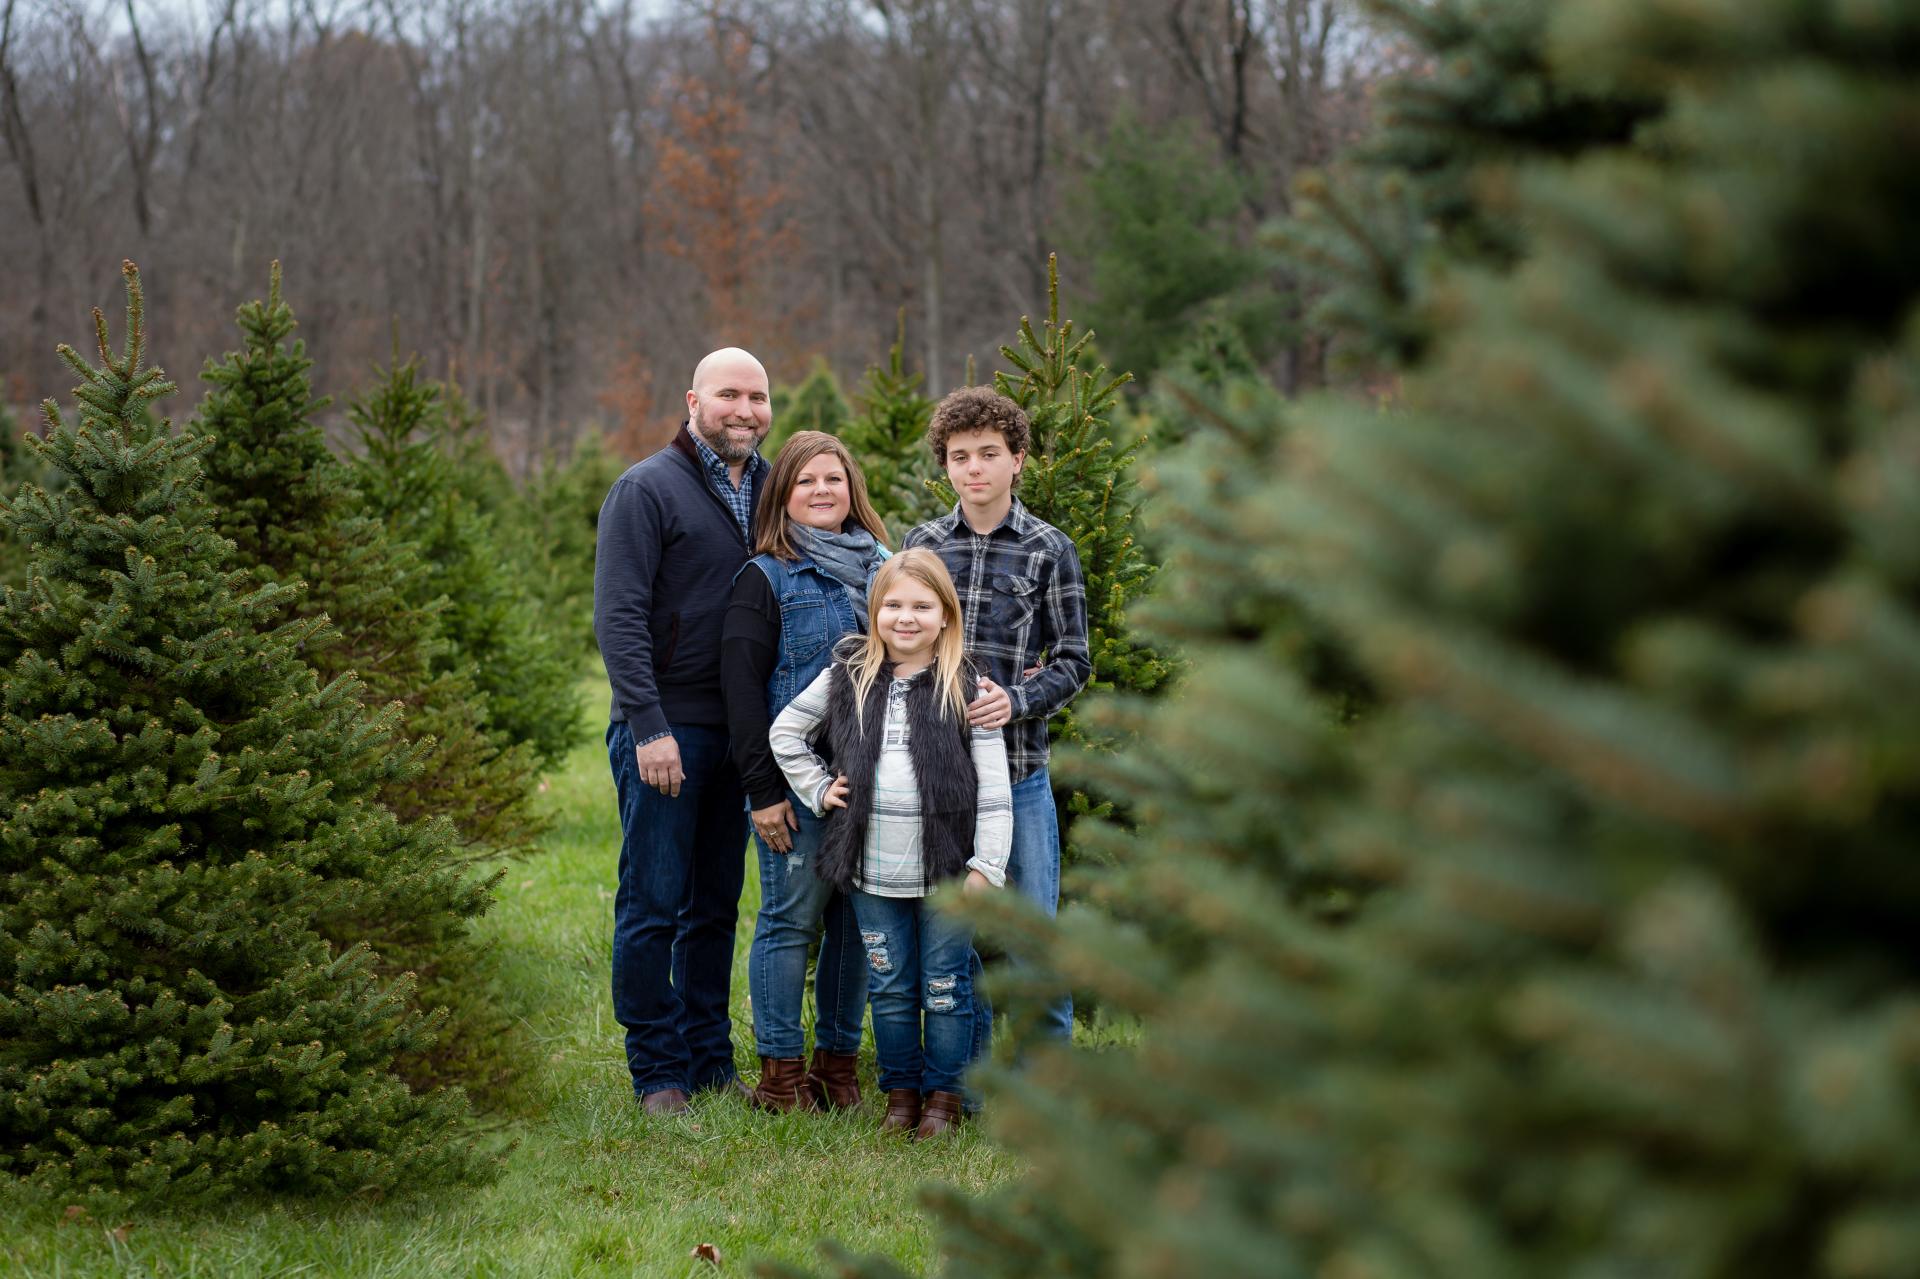 Family Photographer, Medina Oh